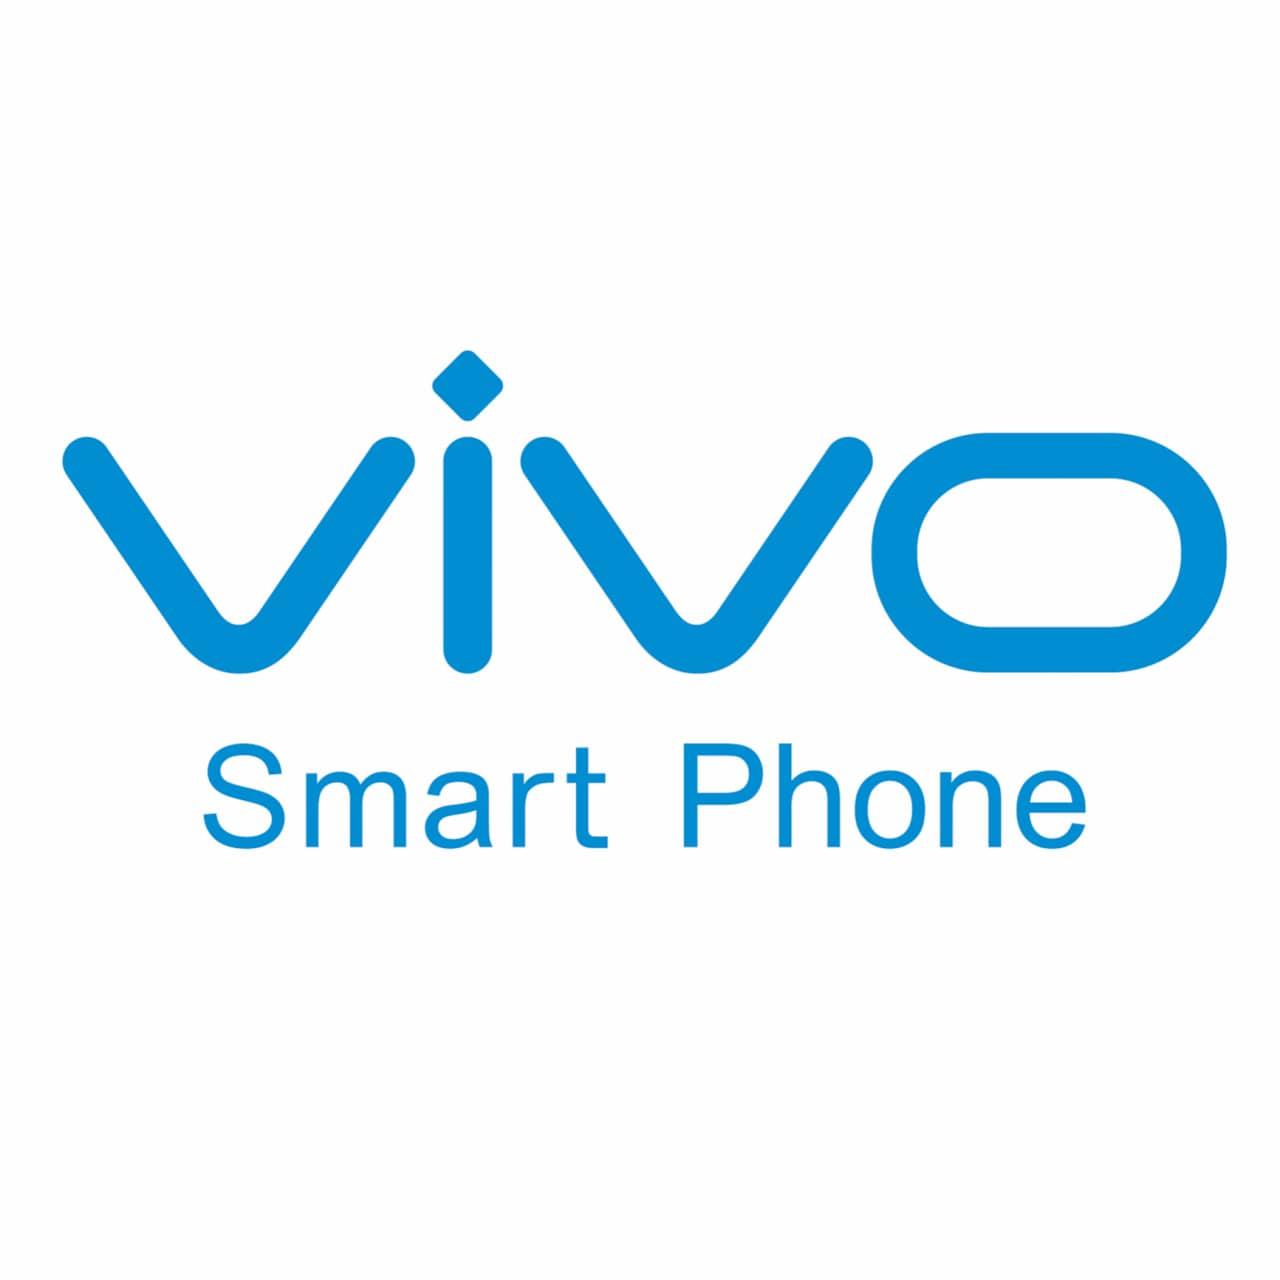 Suggestivi o bizzarri che siano, questi potrebbero essere i nomi dei primi smartphone Vivo in Europa